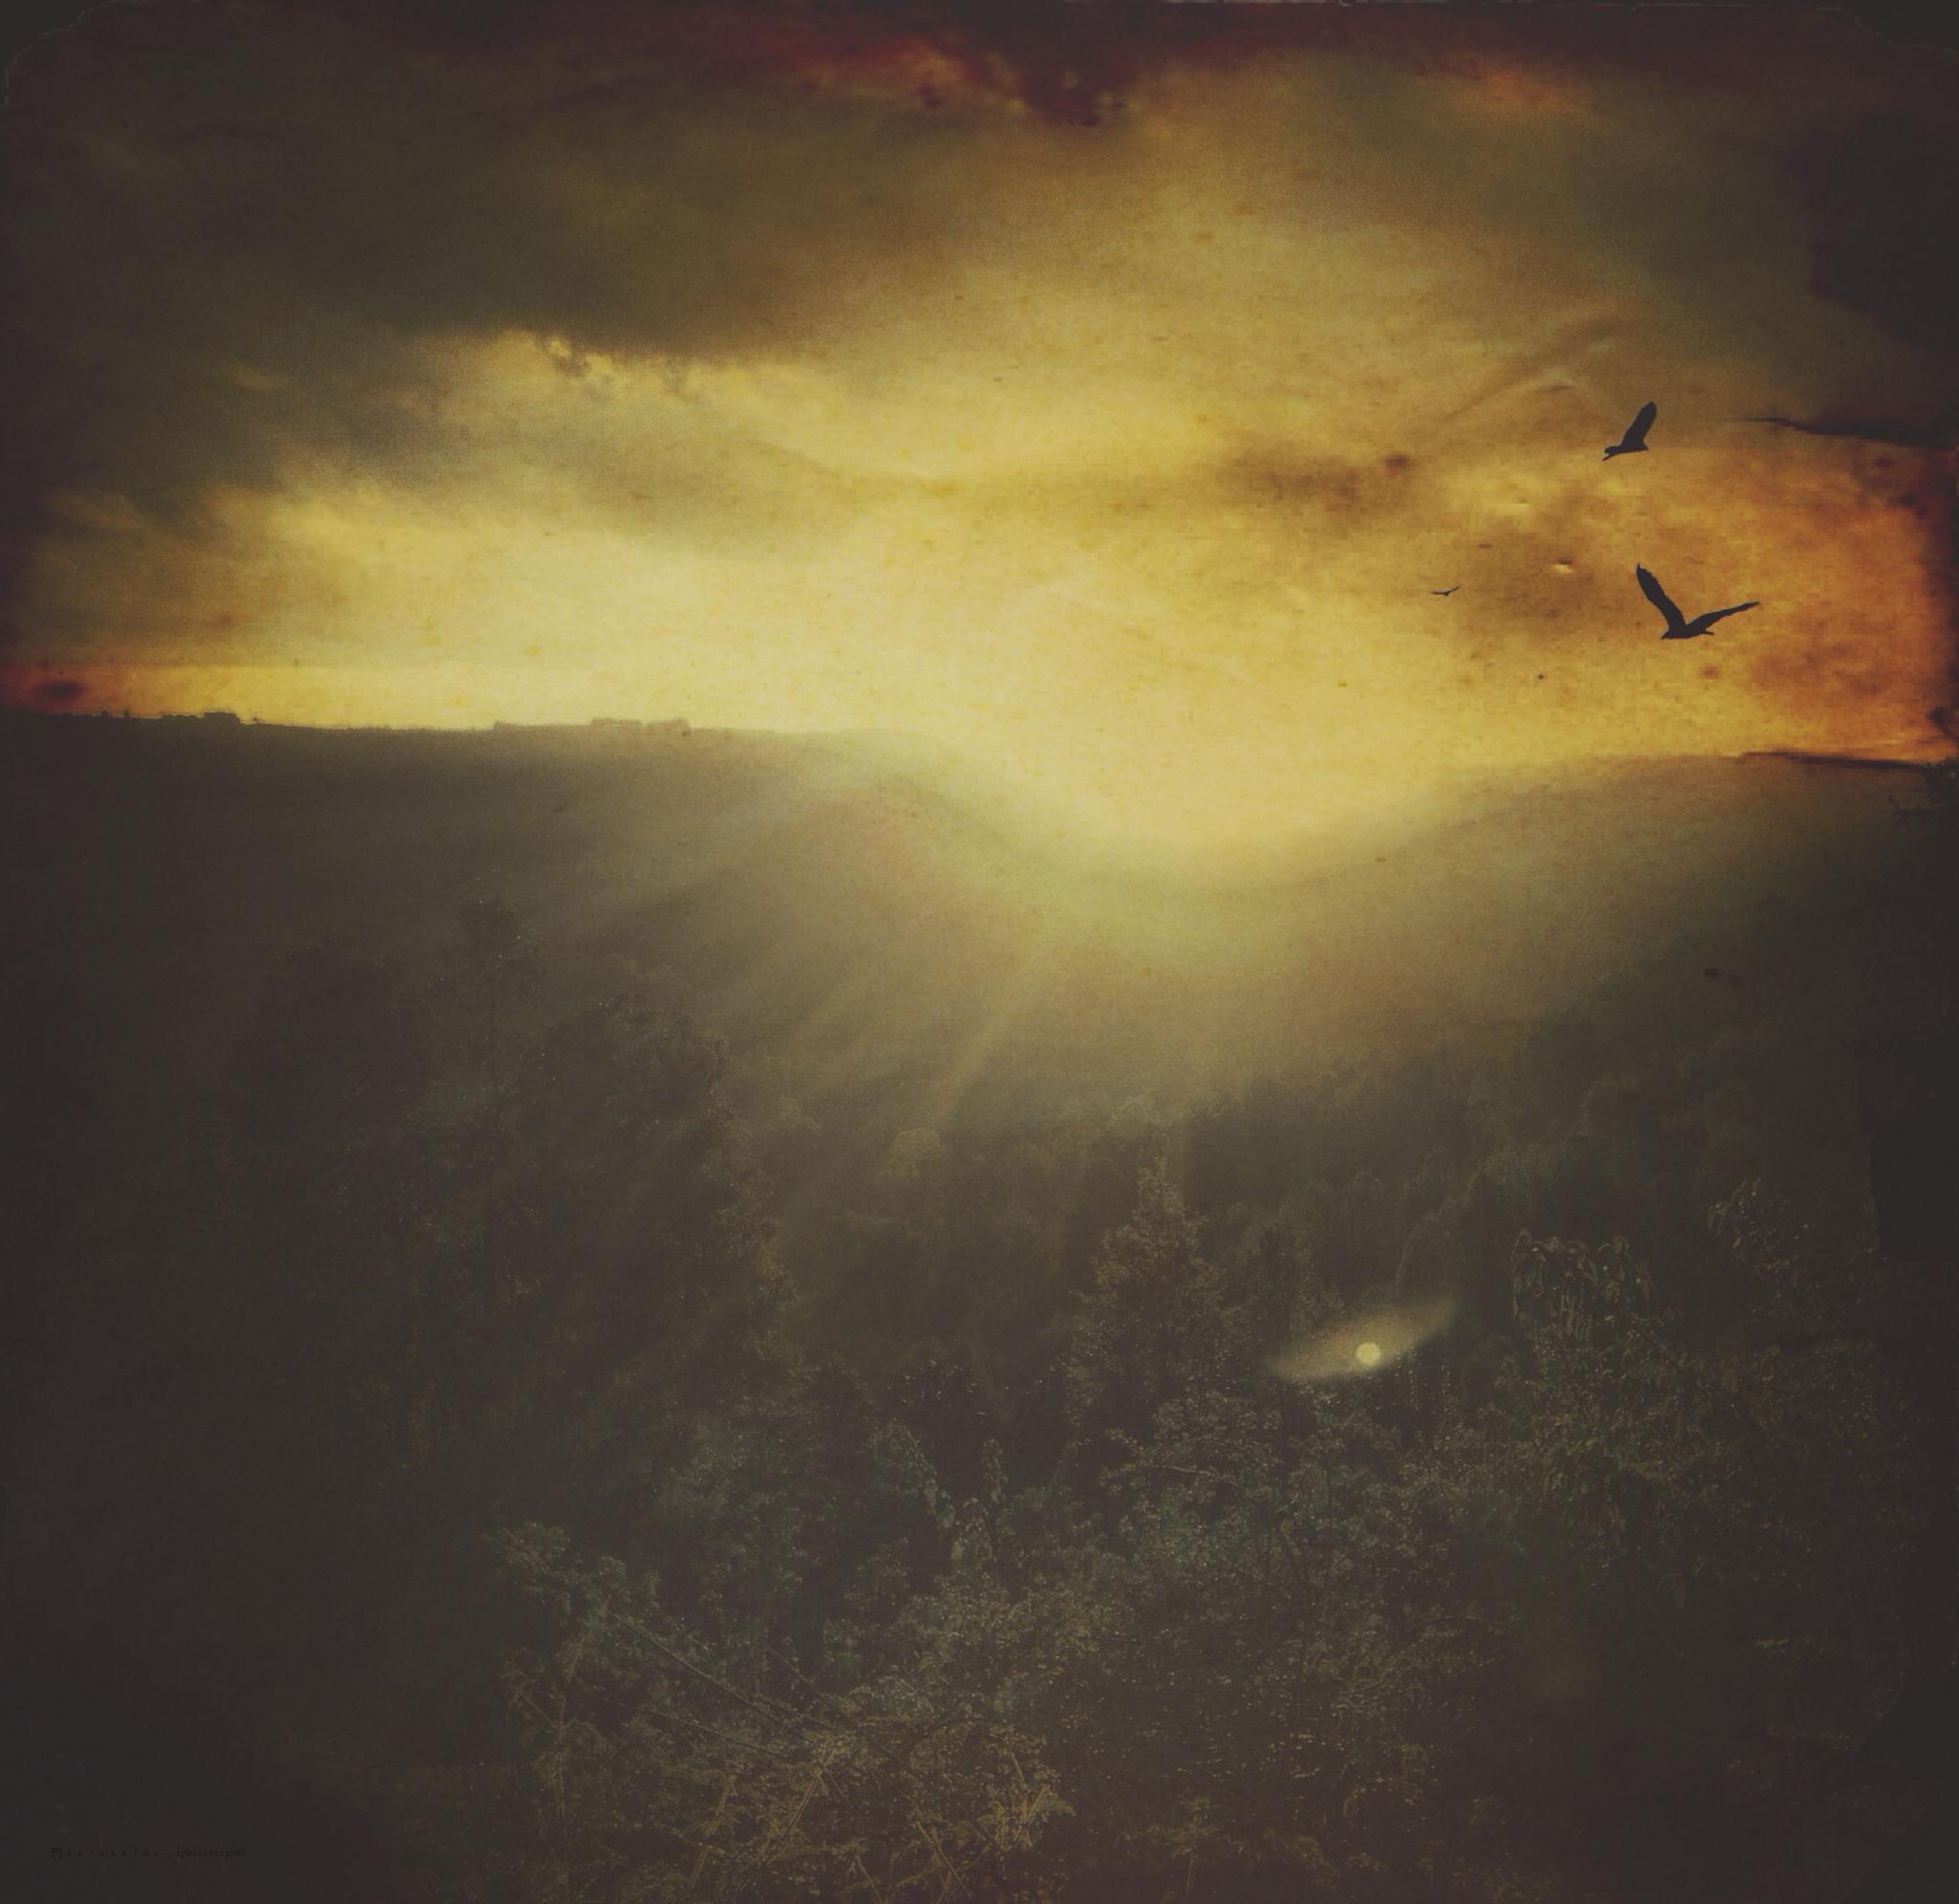 pictorial.sunset by [º] r e v e r s i d e _